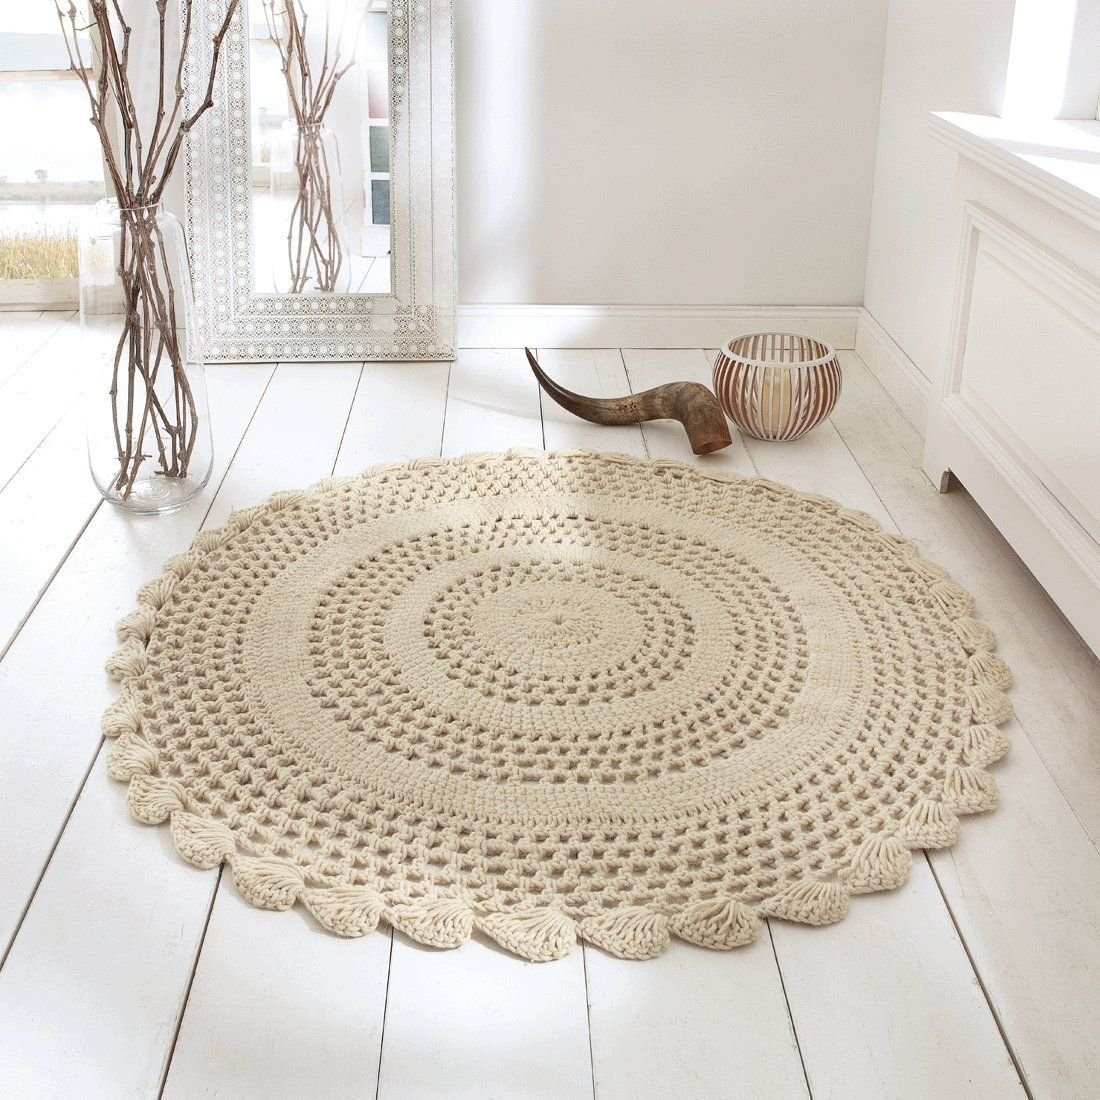 Teppich liesel aus wolle 120 cm k che haushalt gestrickt und geh kelt - Teppich landhaus ...